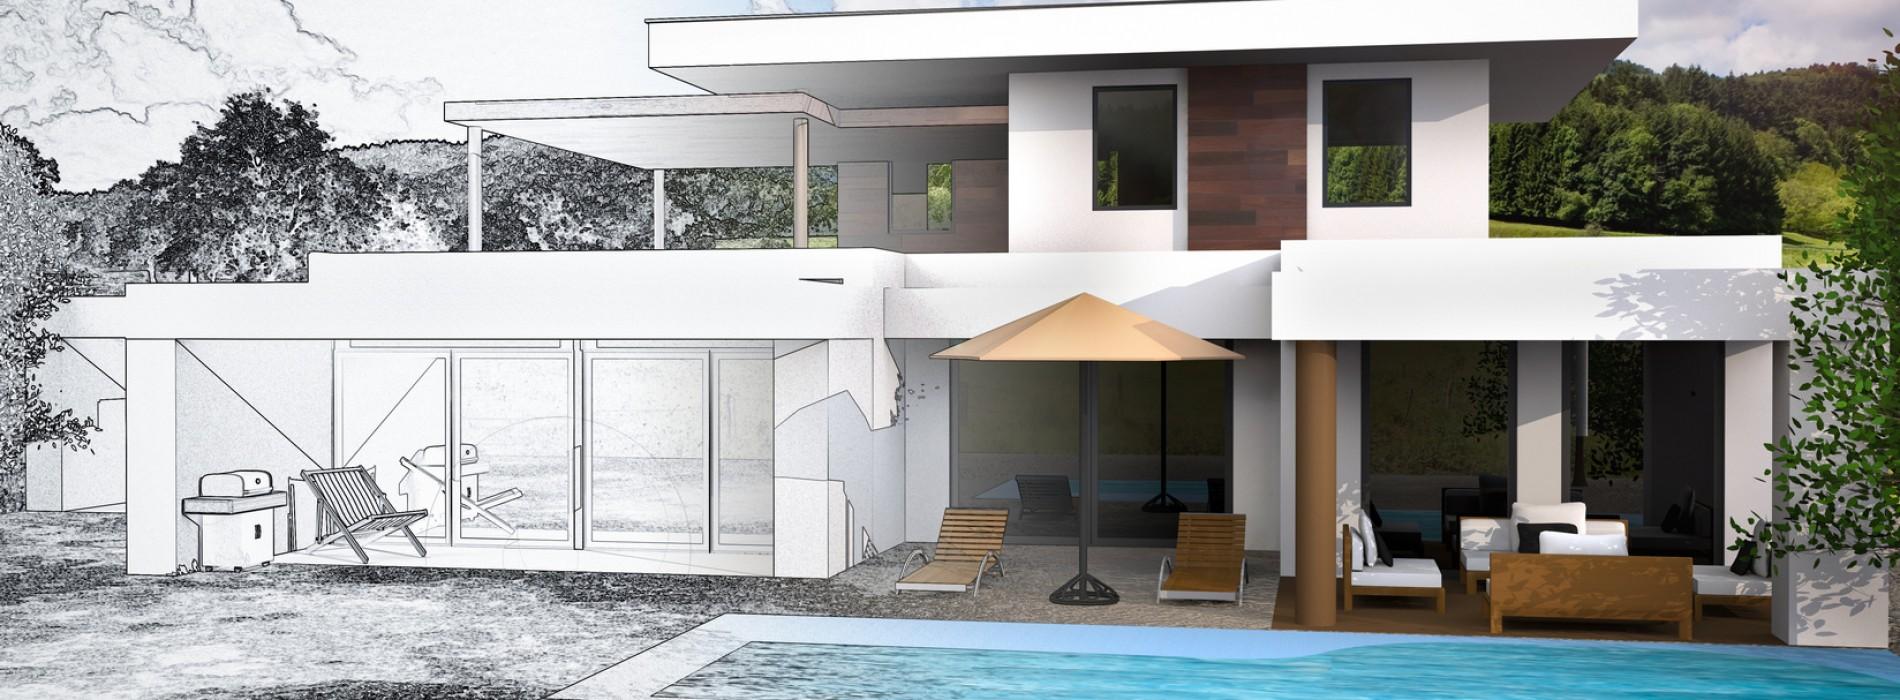 Projektowanie akustyczne budynków, czyli cichy i przyjazny dom